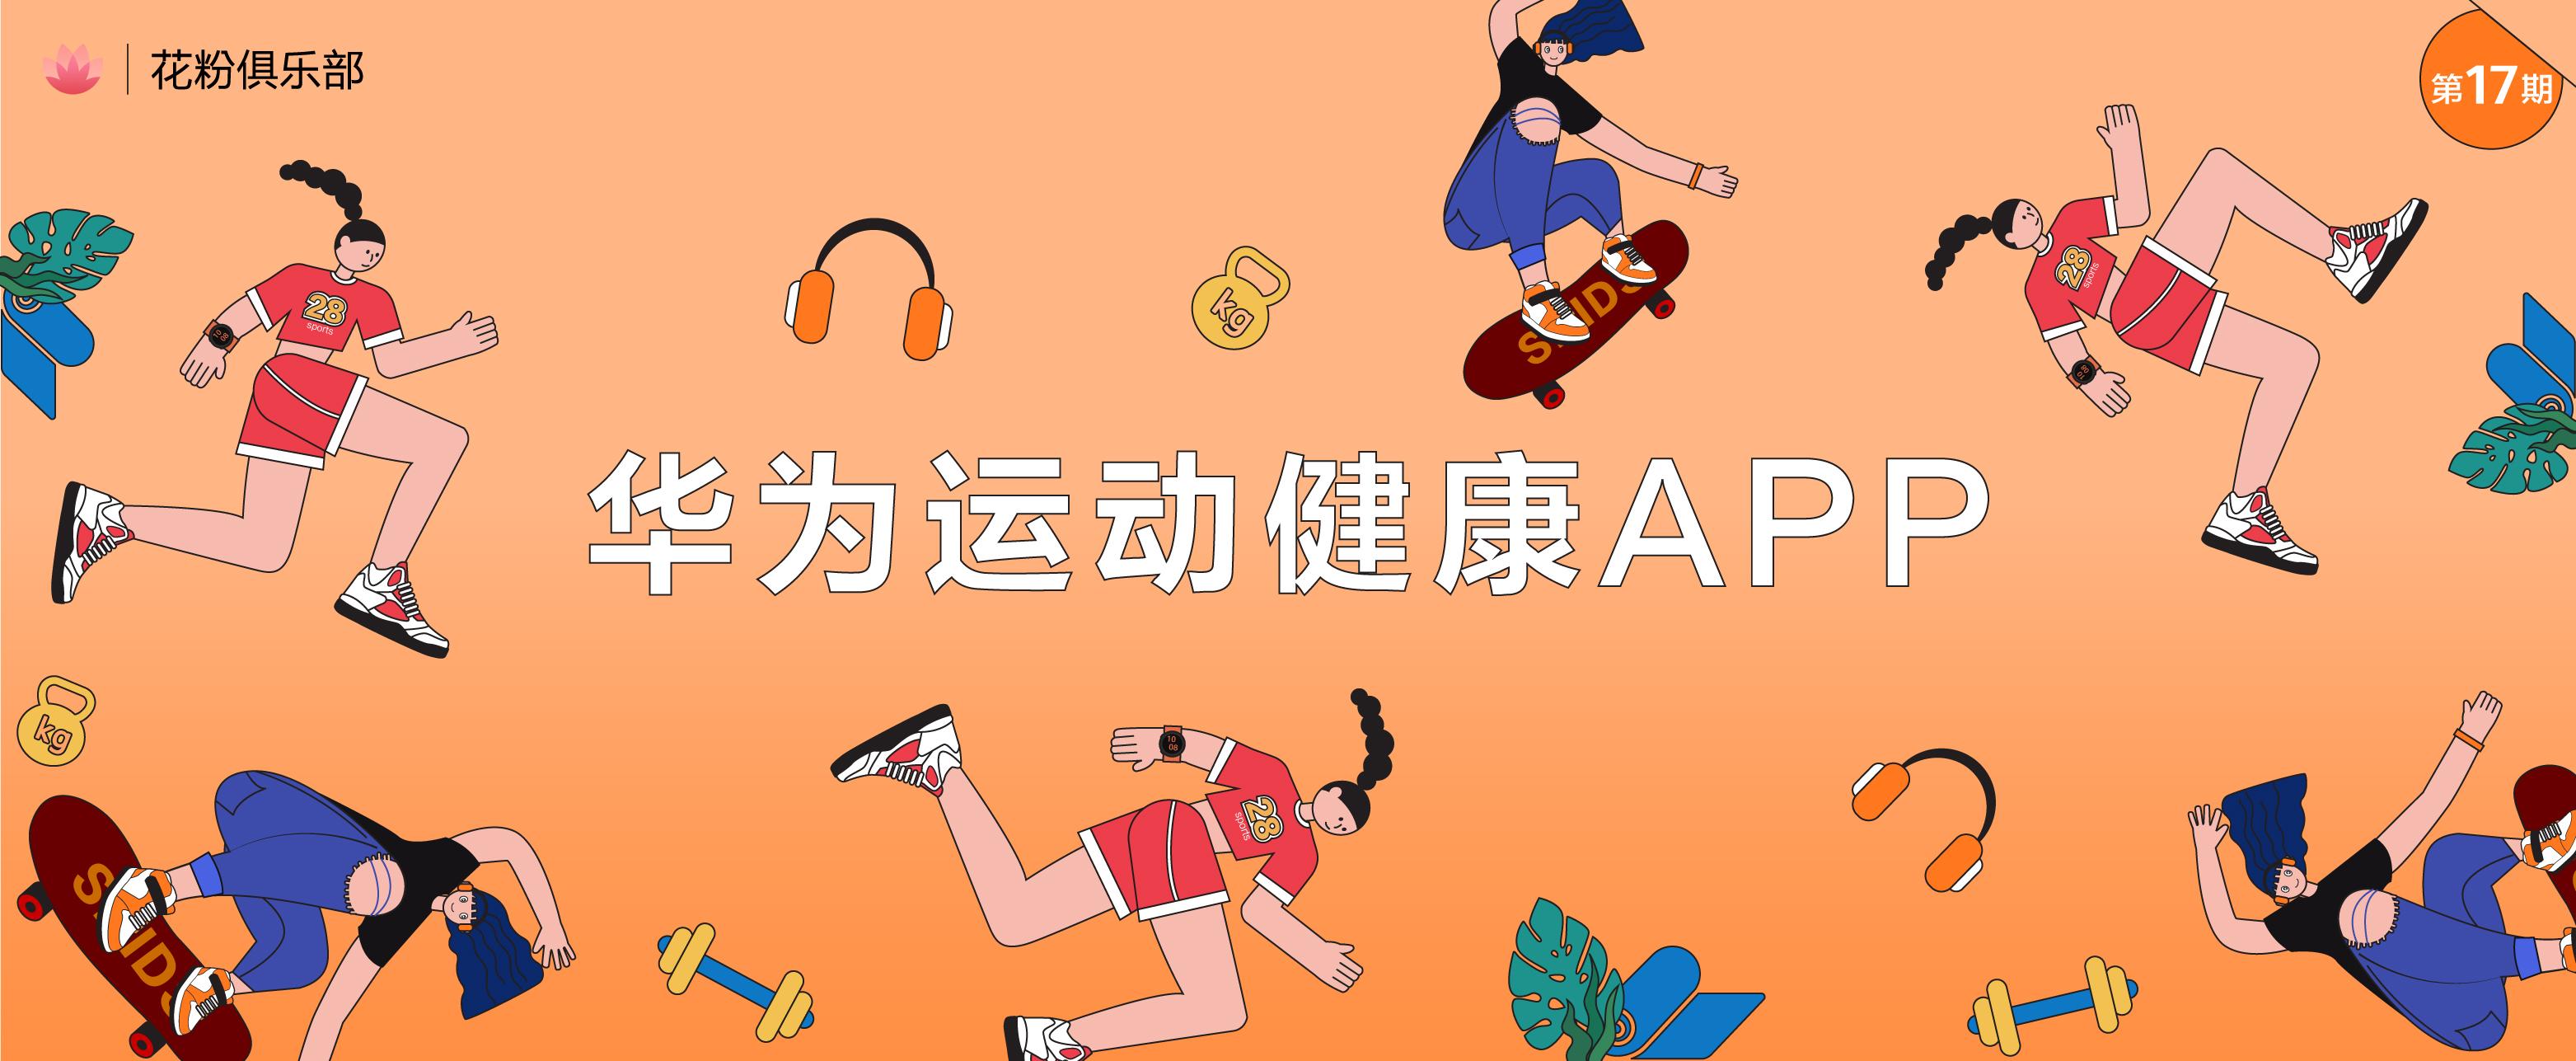 华为运动健康App-第13-20期-0305-05.jpg